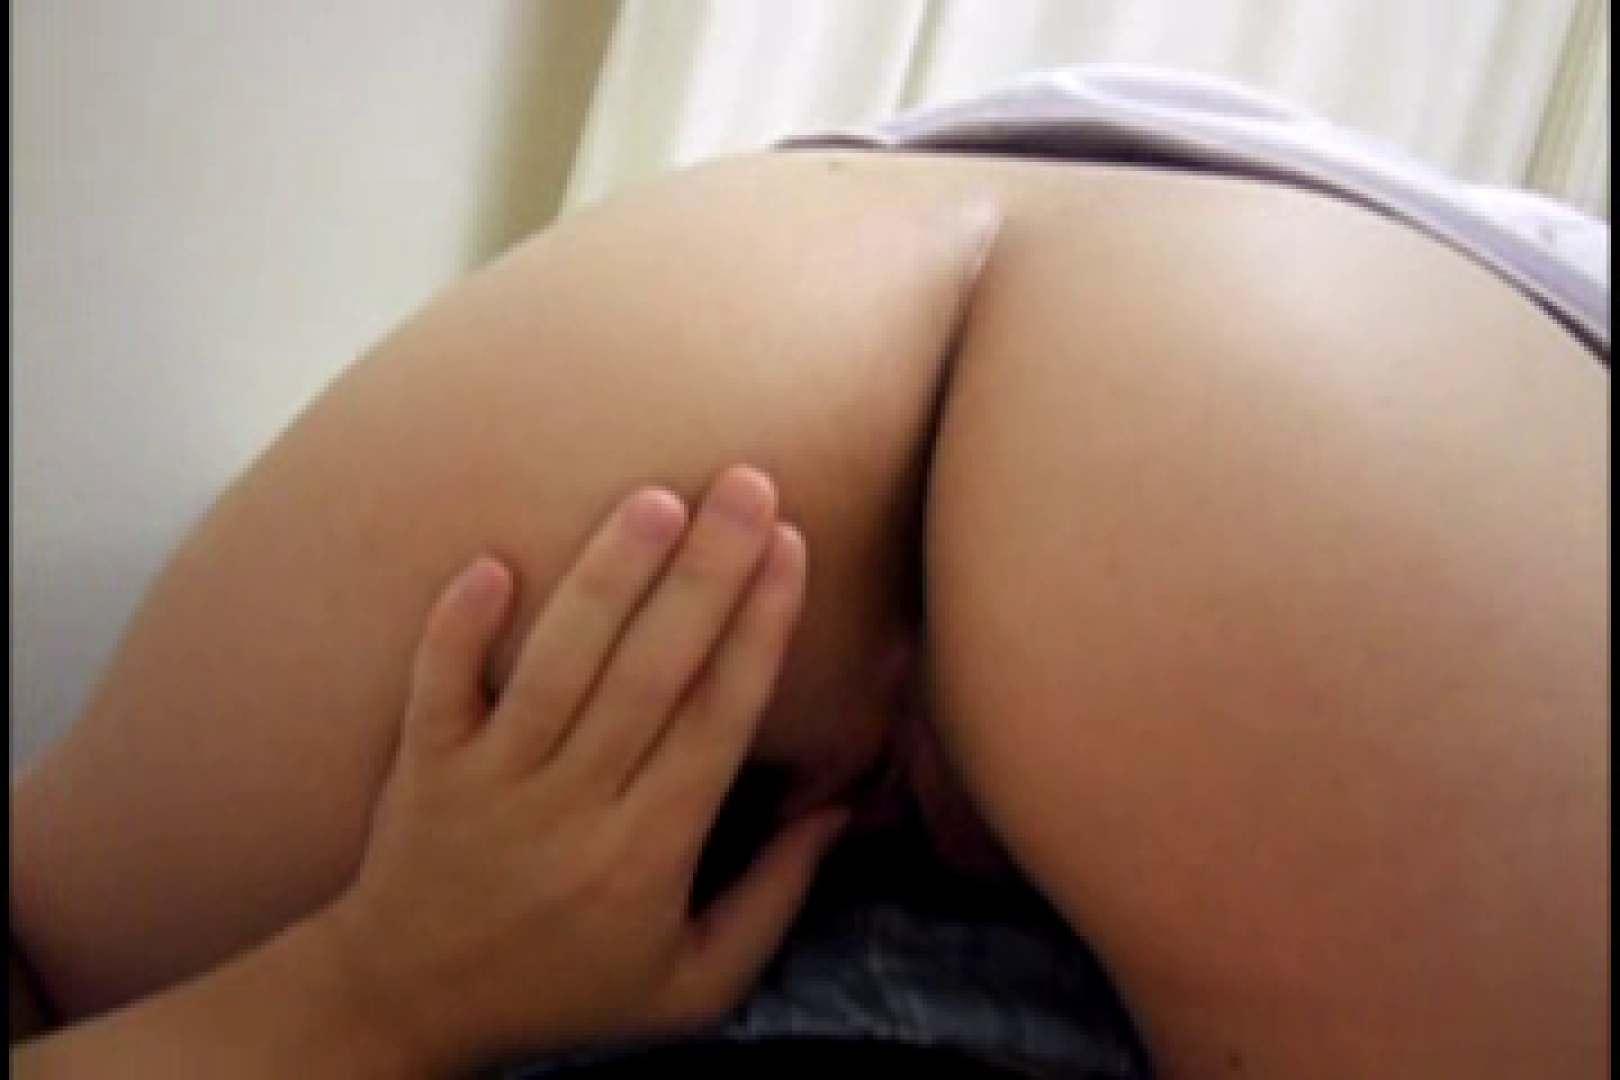 ヤリマンと呼ばれた看護士さんvol2 シックスナイン  106PIX 45